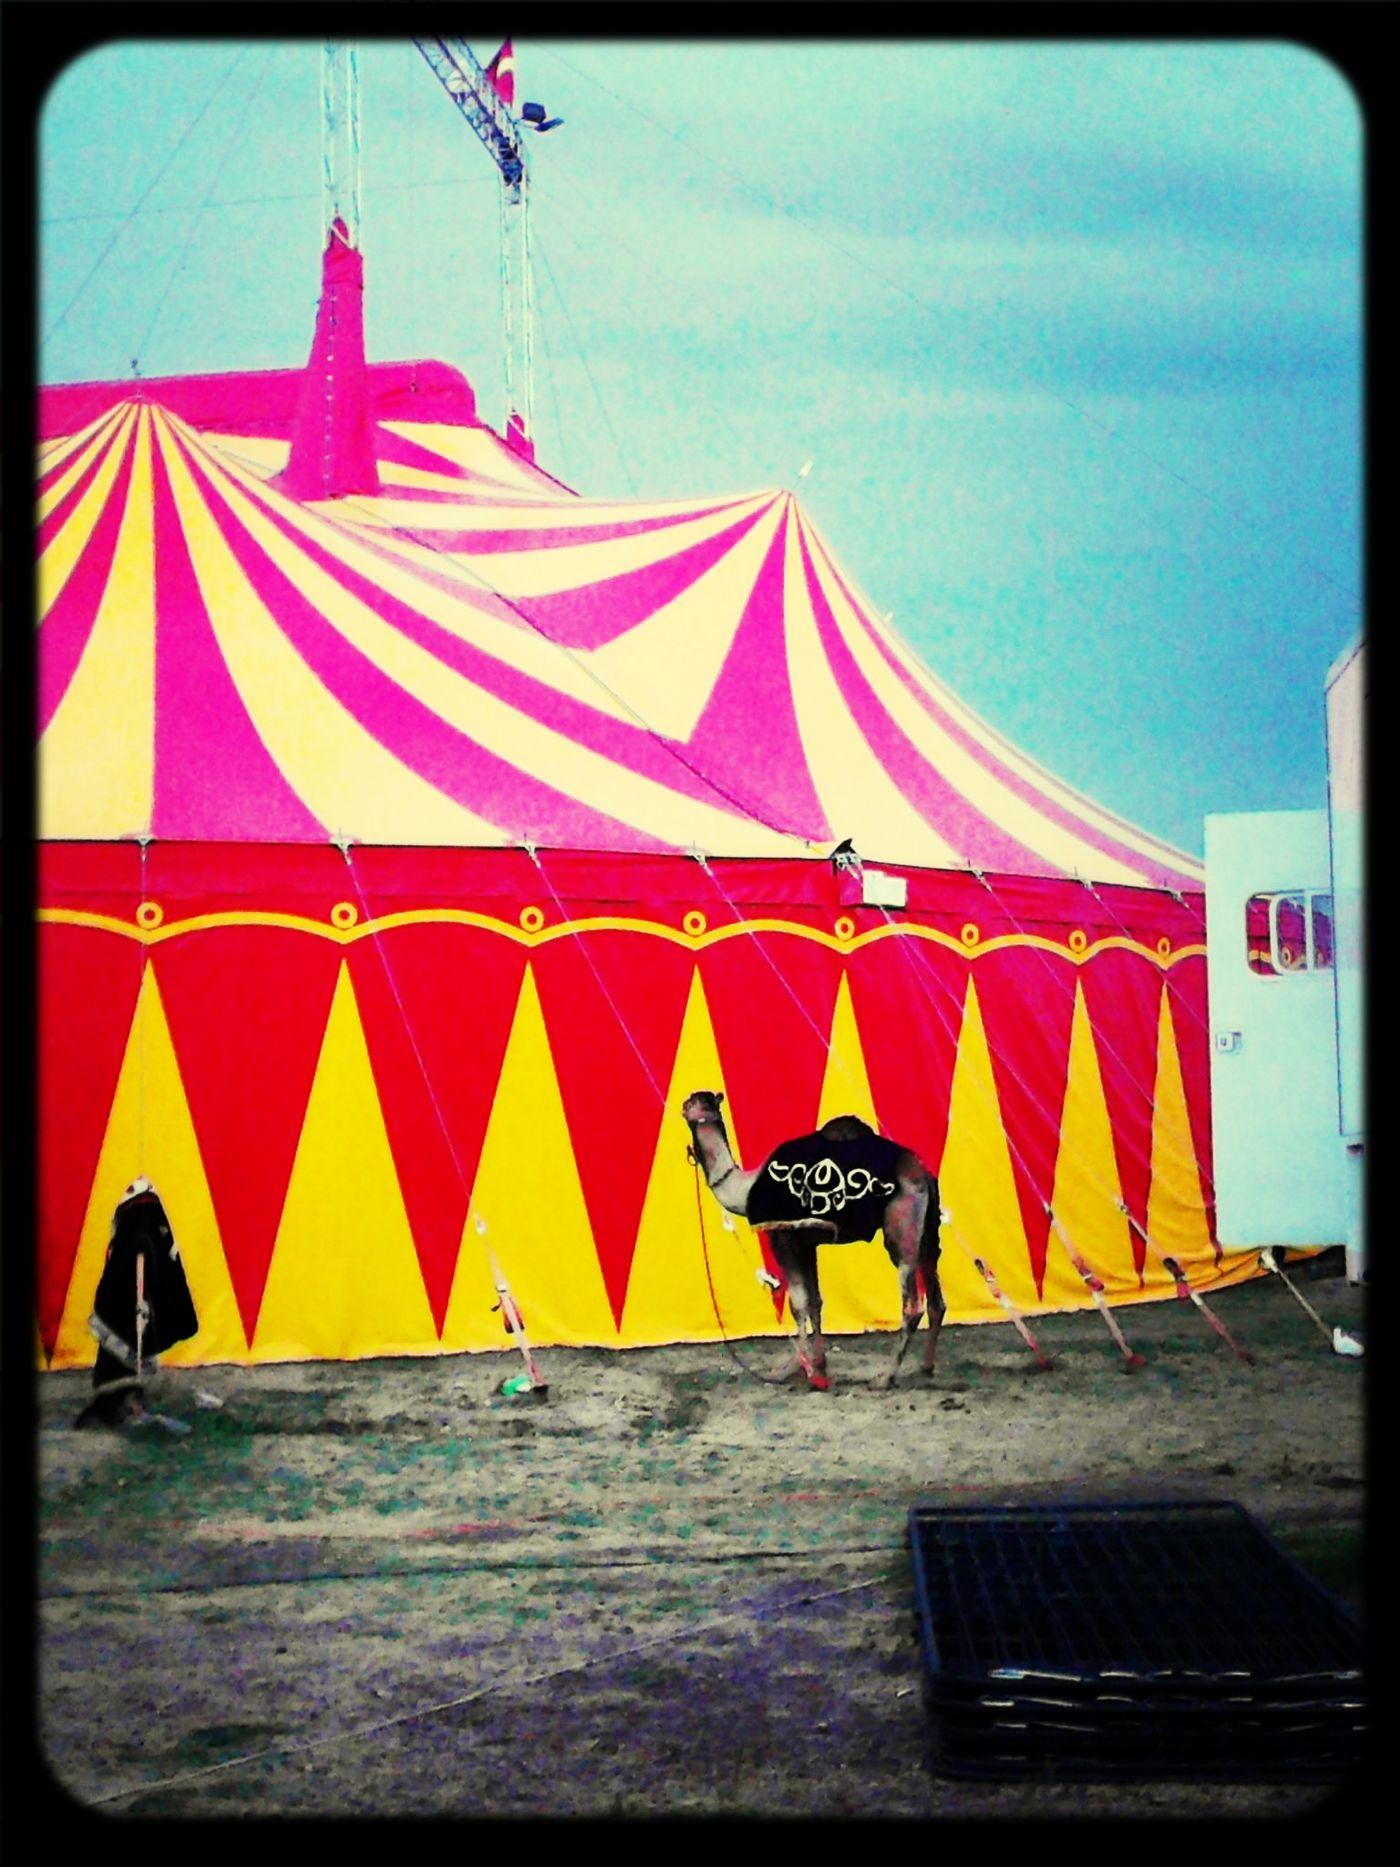 Circo Union, me gusta que pronto ya no habra animales en los circos. Urban Geometry Guadalajara Jalisco